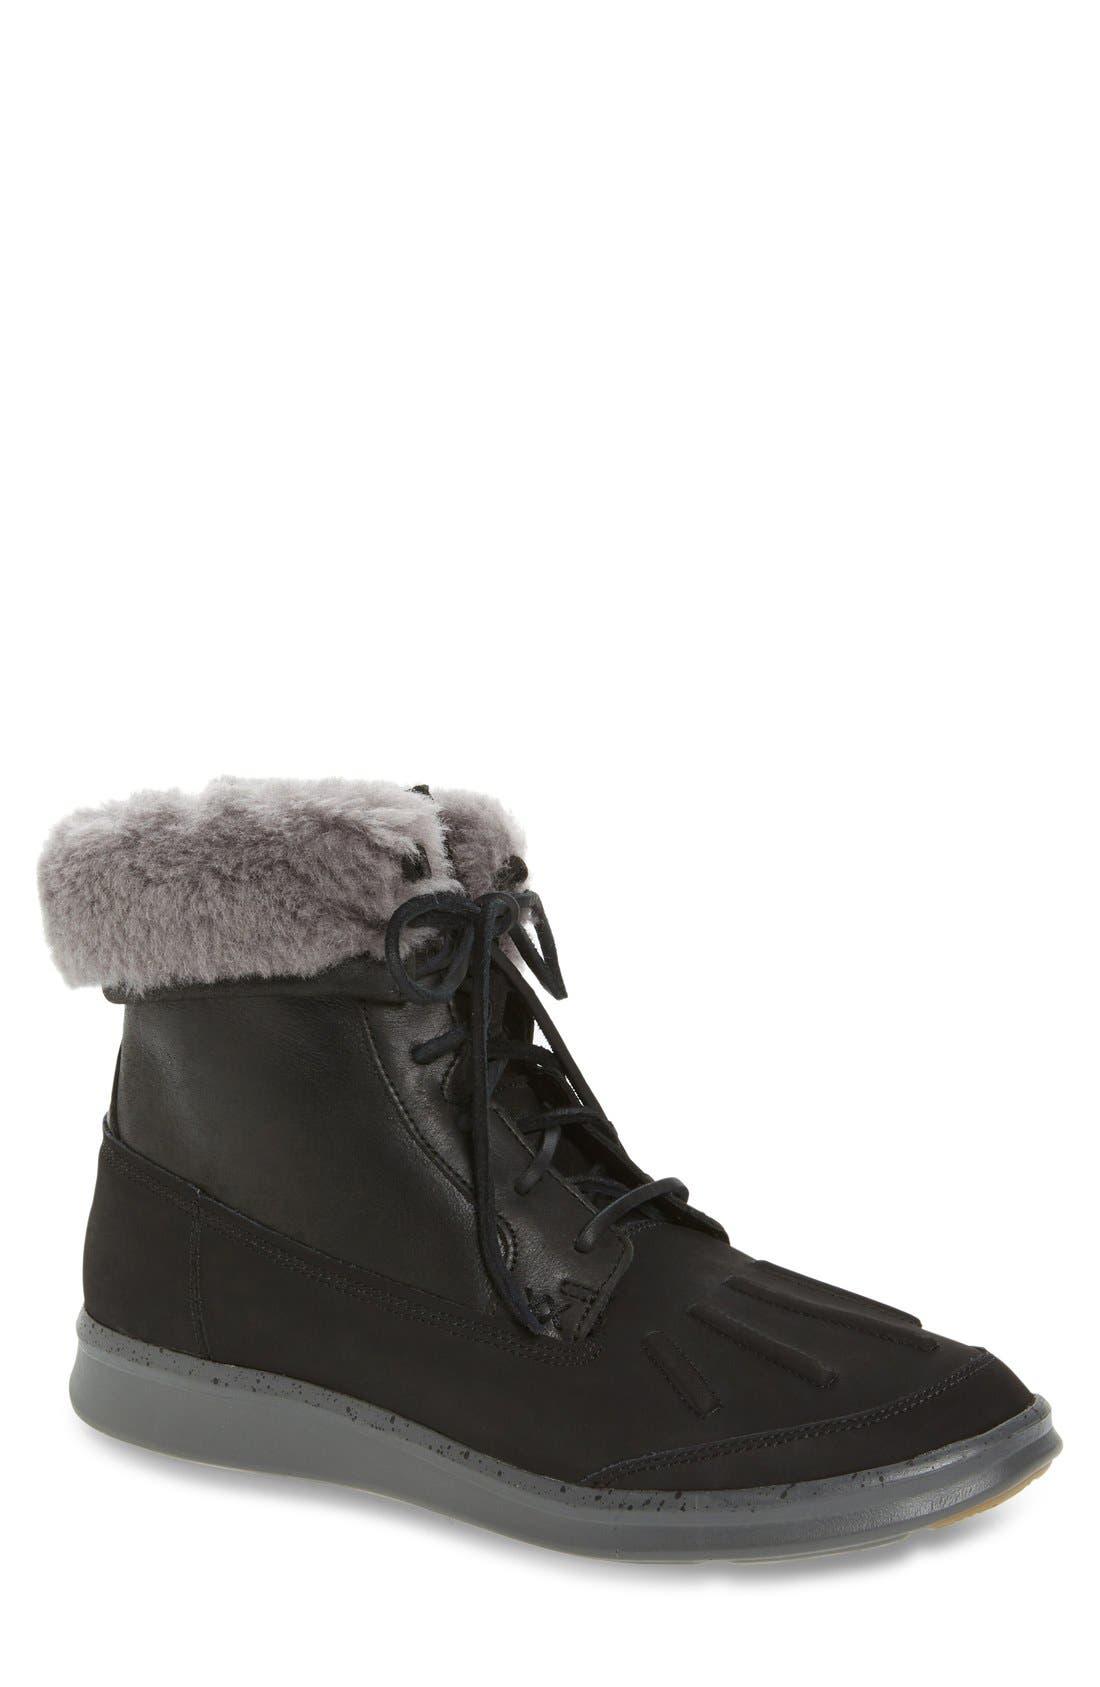 Roskoe Snow Boot,                         Main,                         color, Black